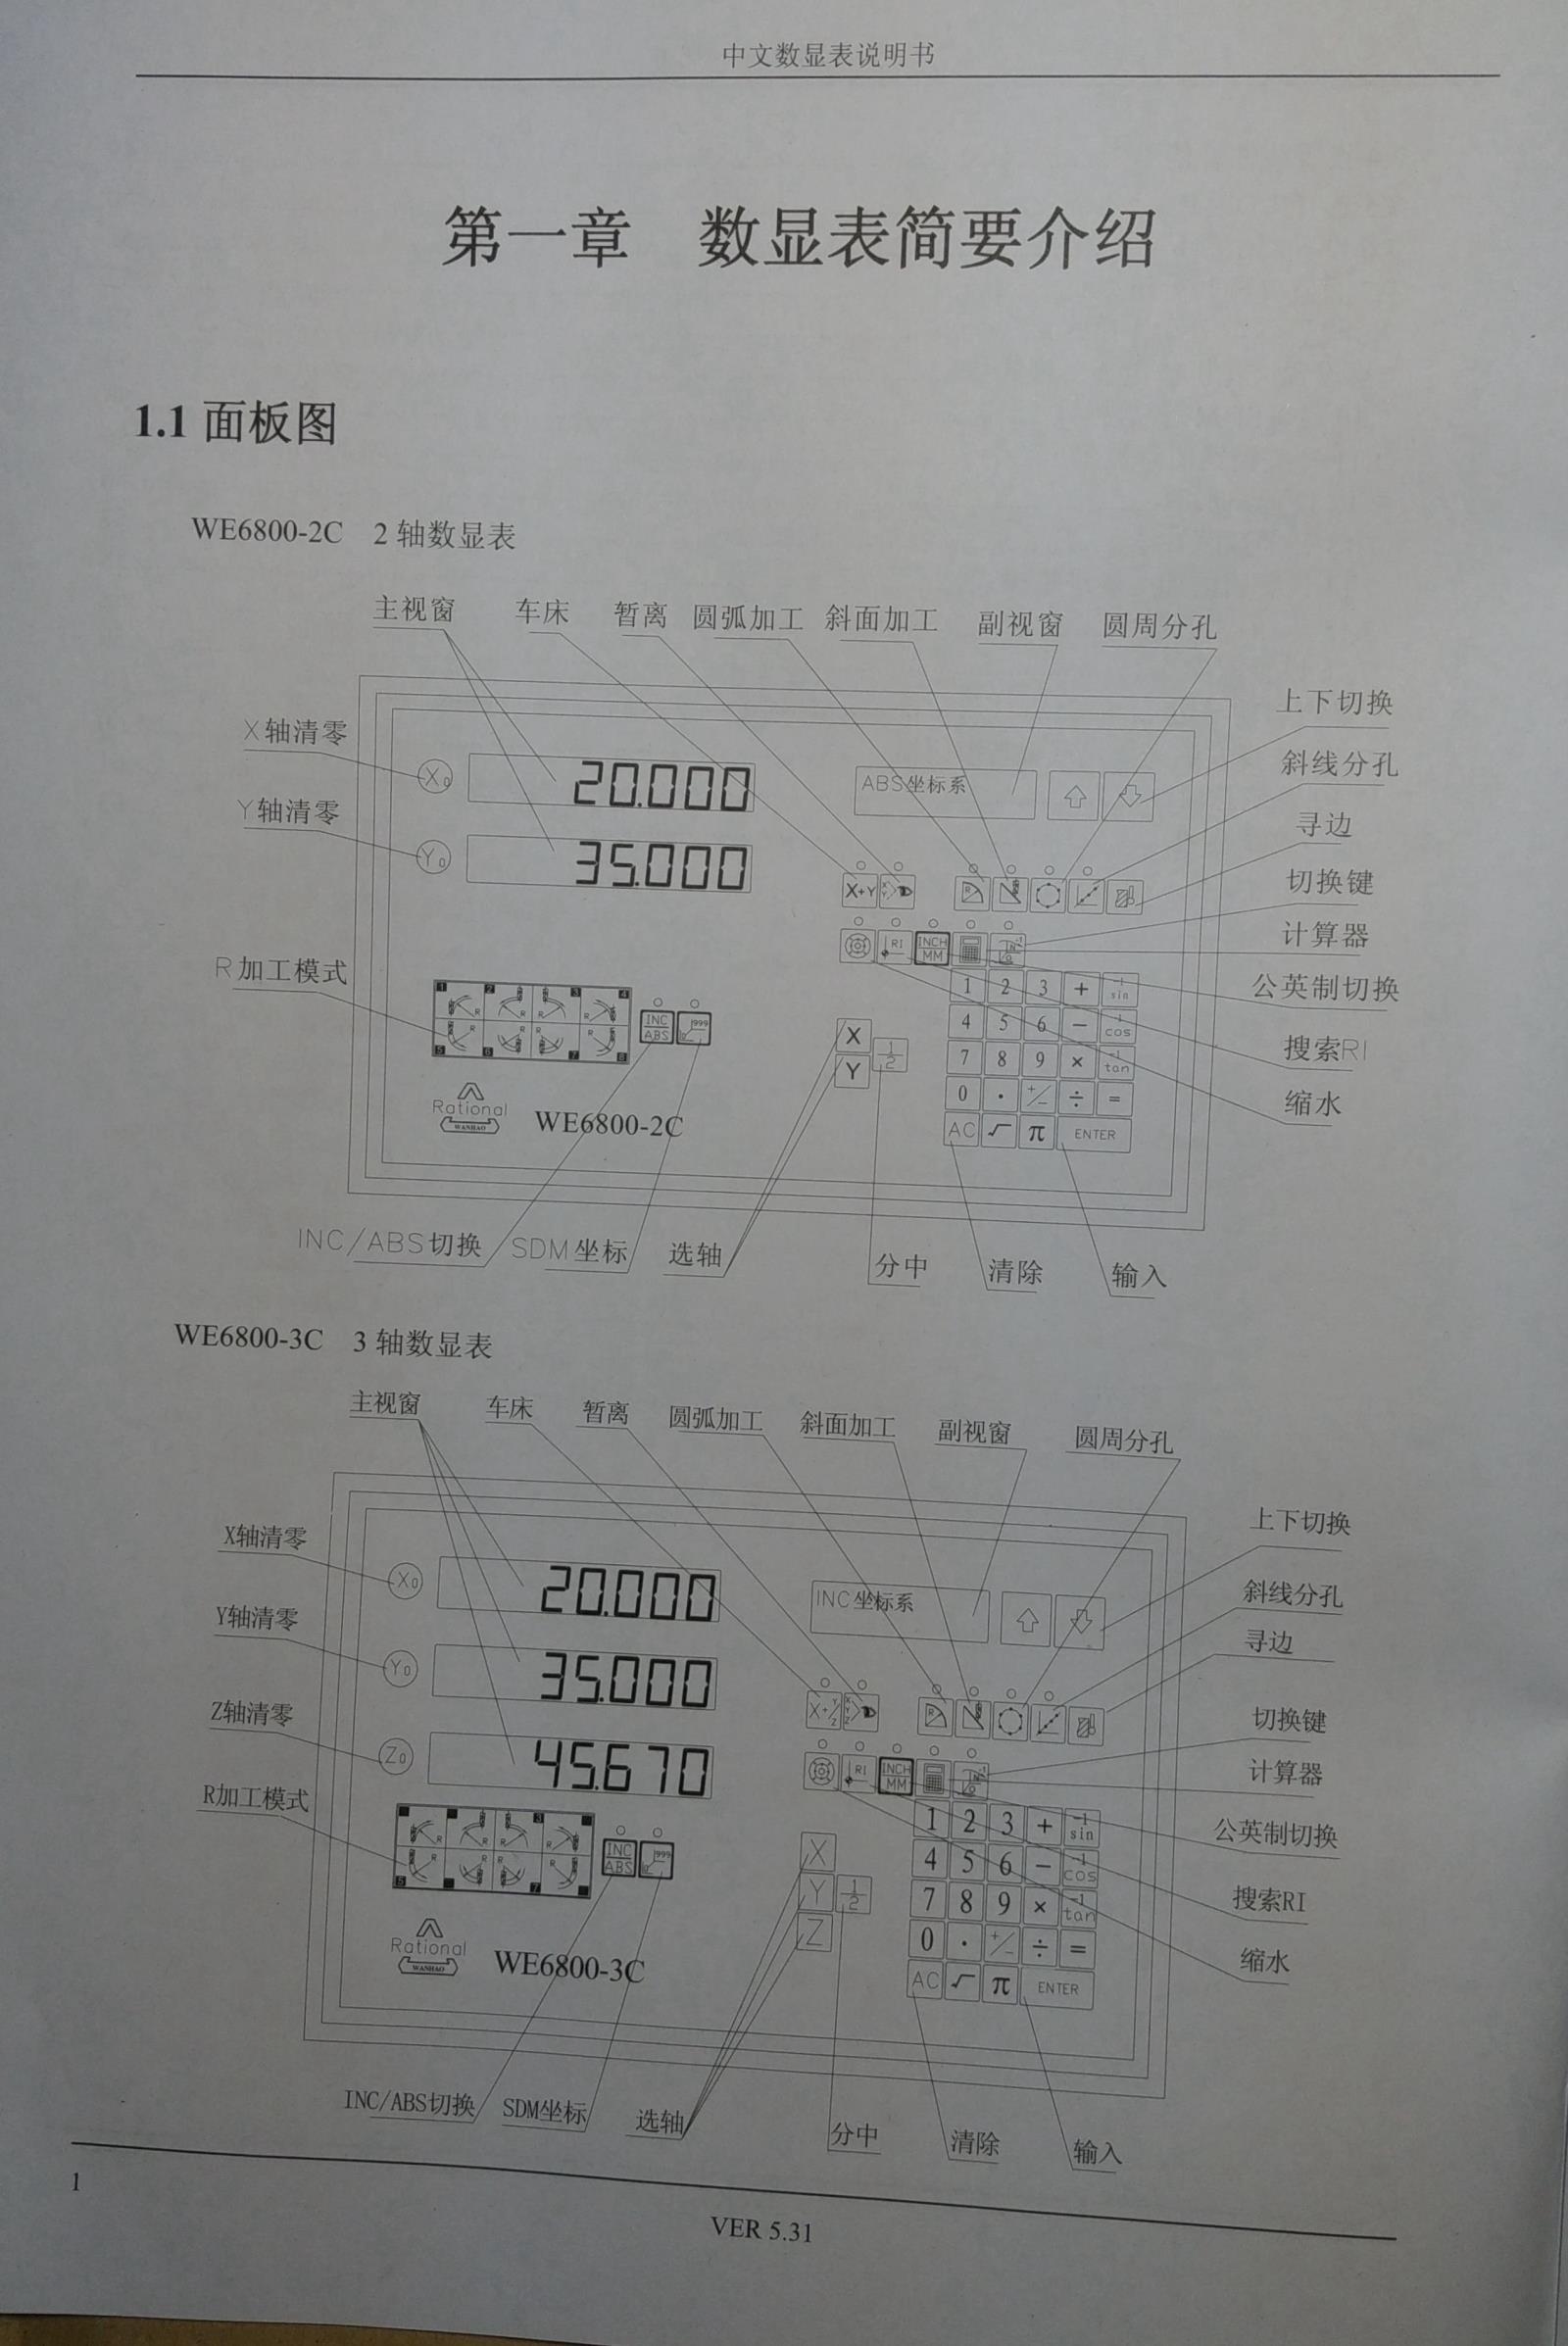 型号:  WE6800-2 两轴数显表  WE6800-3 三轴数显表  WE6800E 火花机专用数显表  WE6800-2C 两轴中文数显表  WE6800-3C 三轴中文数显表  WE6800-EC 中文火花机专用数显表  三、WE6800,WE6800-2C,WE6800-3C,WE6800-EC万濠RATIONAL数显表安装尺寸及使用注意事项:  WE6800,WE6800-2C,WE6800-3C,WE6800-EC万濠RATIONAL数显表说明书:   万濠数显表光栅传感器销售维修